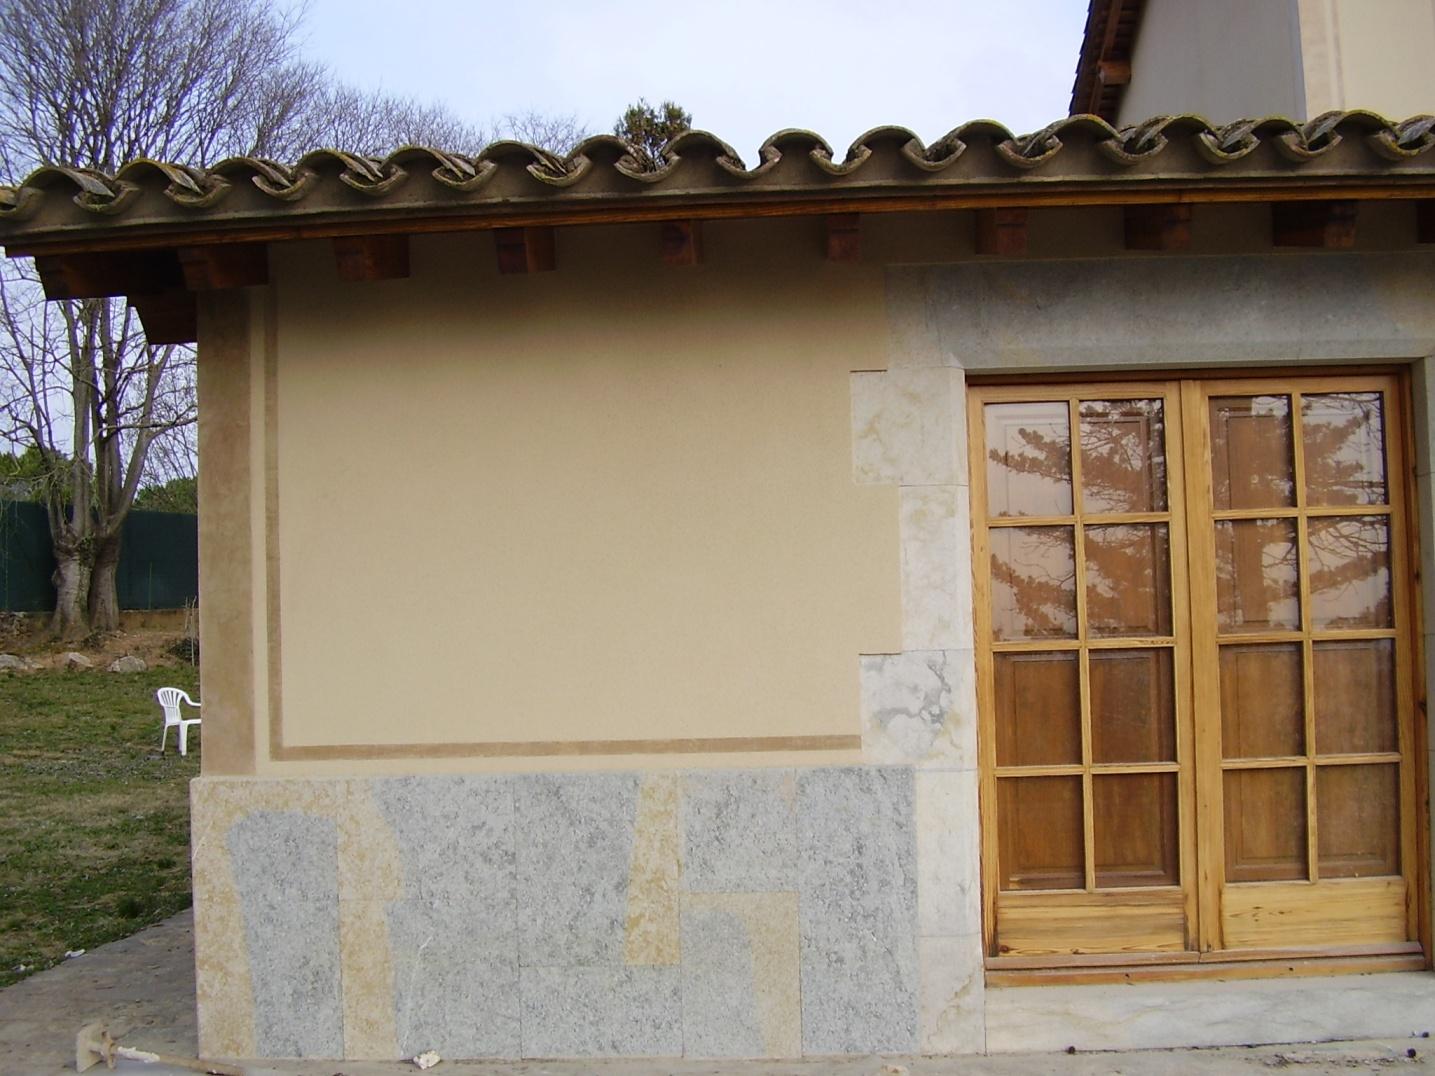 Detalles de alta decoracion en rehabilitacion de fachadas